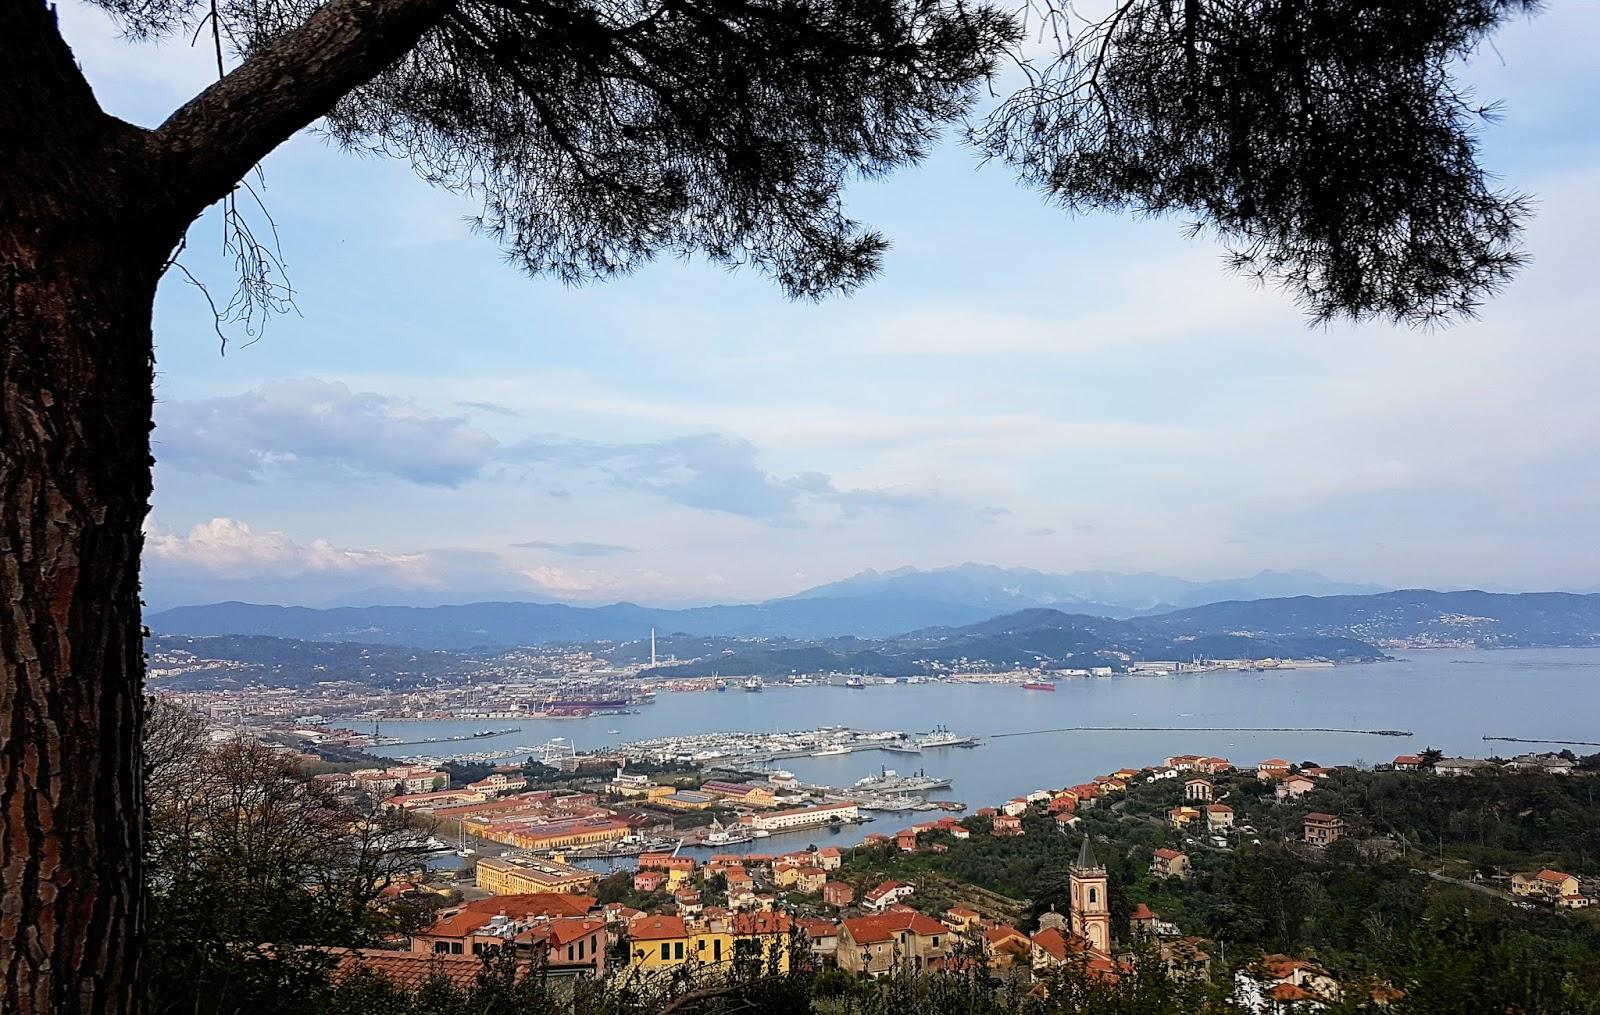 The Heart Of Cinque Terre cinque terre, italy   paige taylor evans